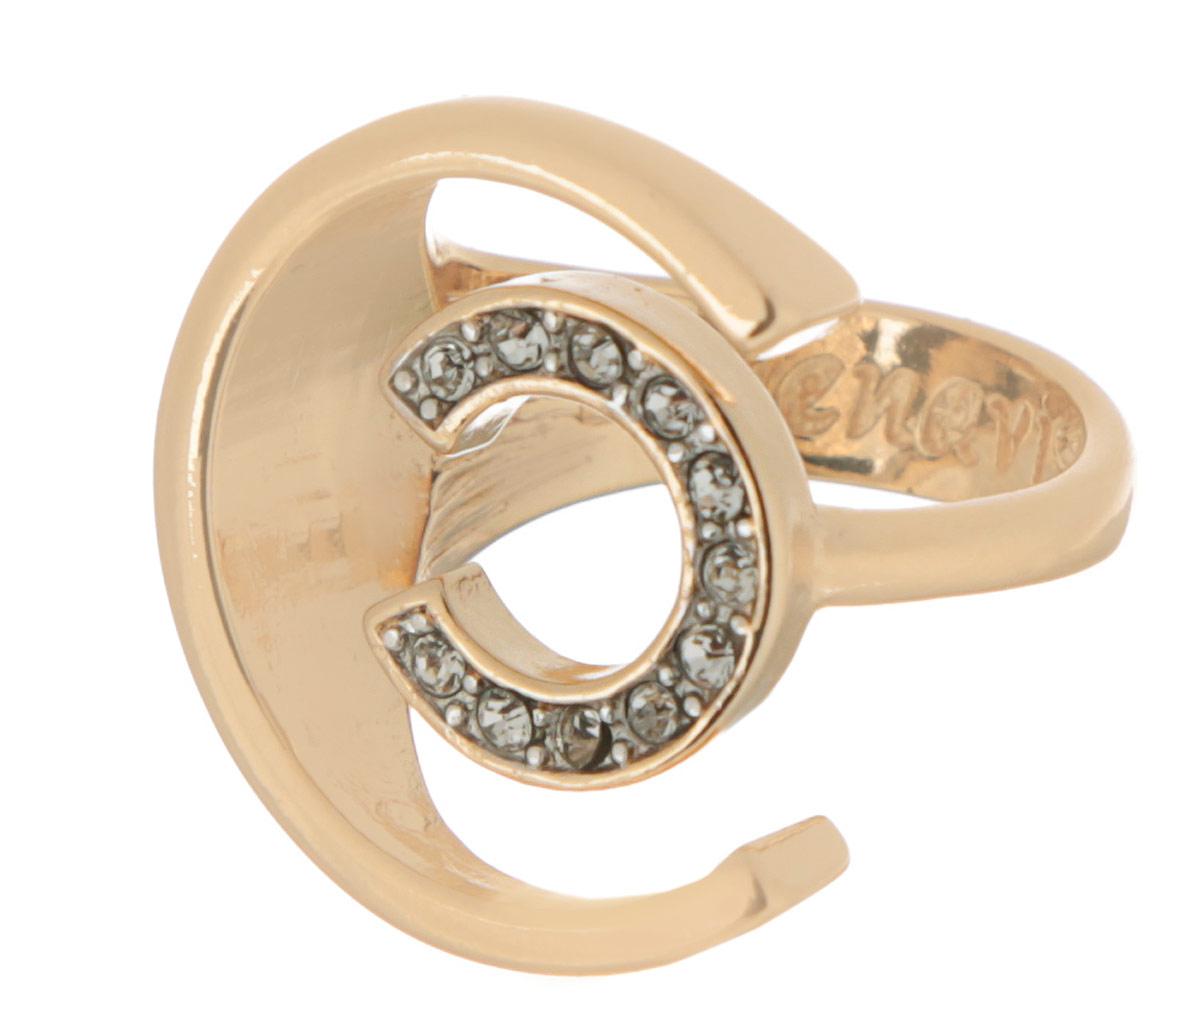 Кольцо Jenavi Форцетия, цвет: золотистый. Размер 18Коктейльное кольцоЭлегантное кольцо Jenavi Форцетия выполнено из антиаллергического ювелирного сплава, покрытого позолотой с родированием. Декоративный элемент выполнен в виде двух полуокружностей разного диаметра, одна из которых инкрустирована гранеными кристаллами Swarovski. Стильное кольцо придаст вашему образу изюминку и подчеркнет индивидуальность.